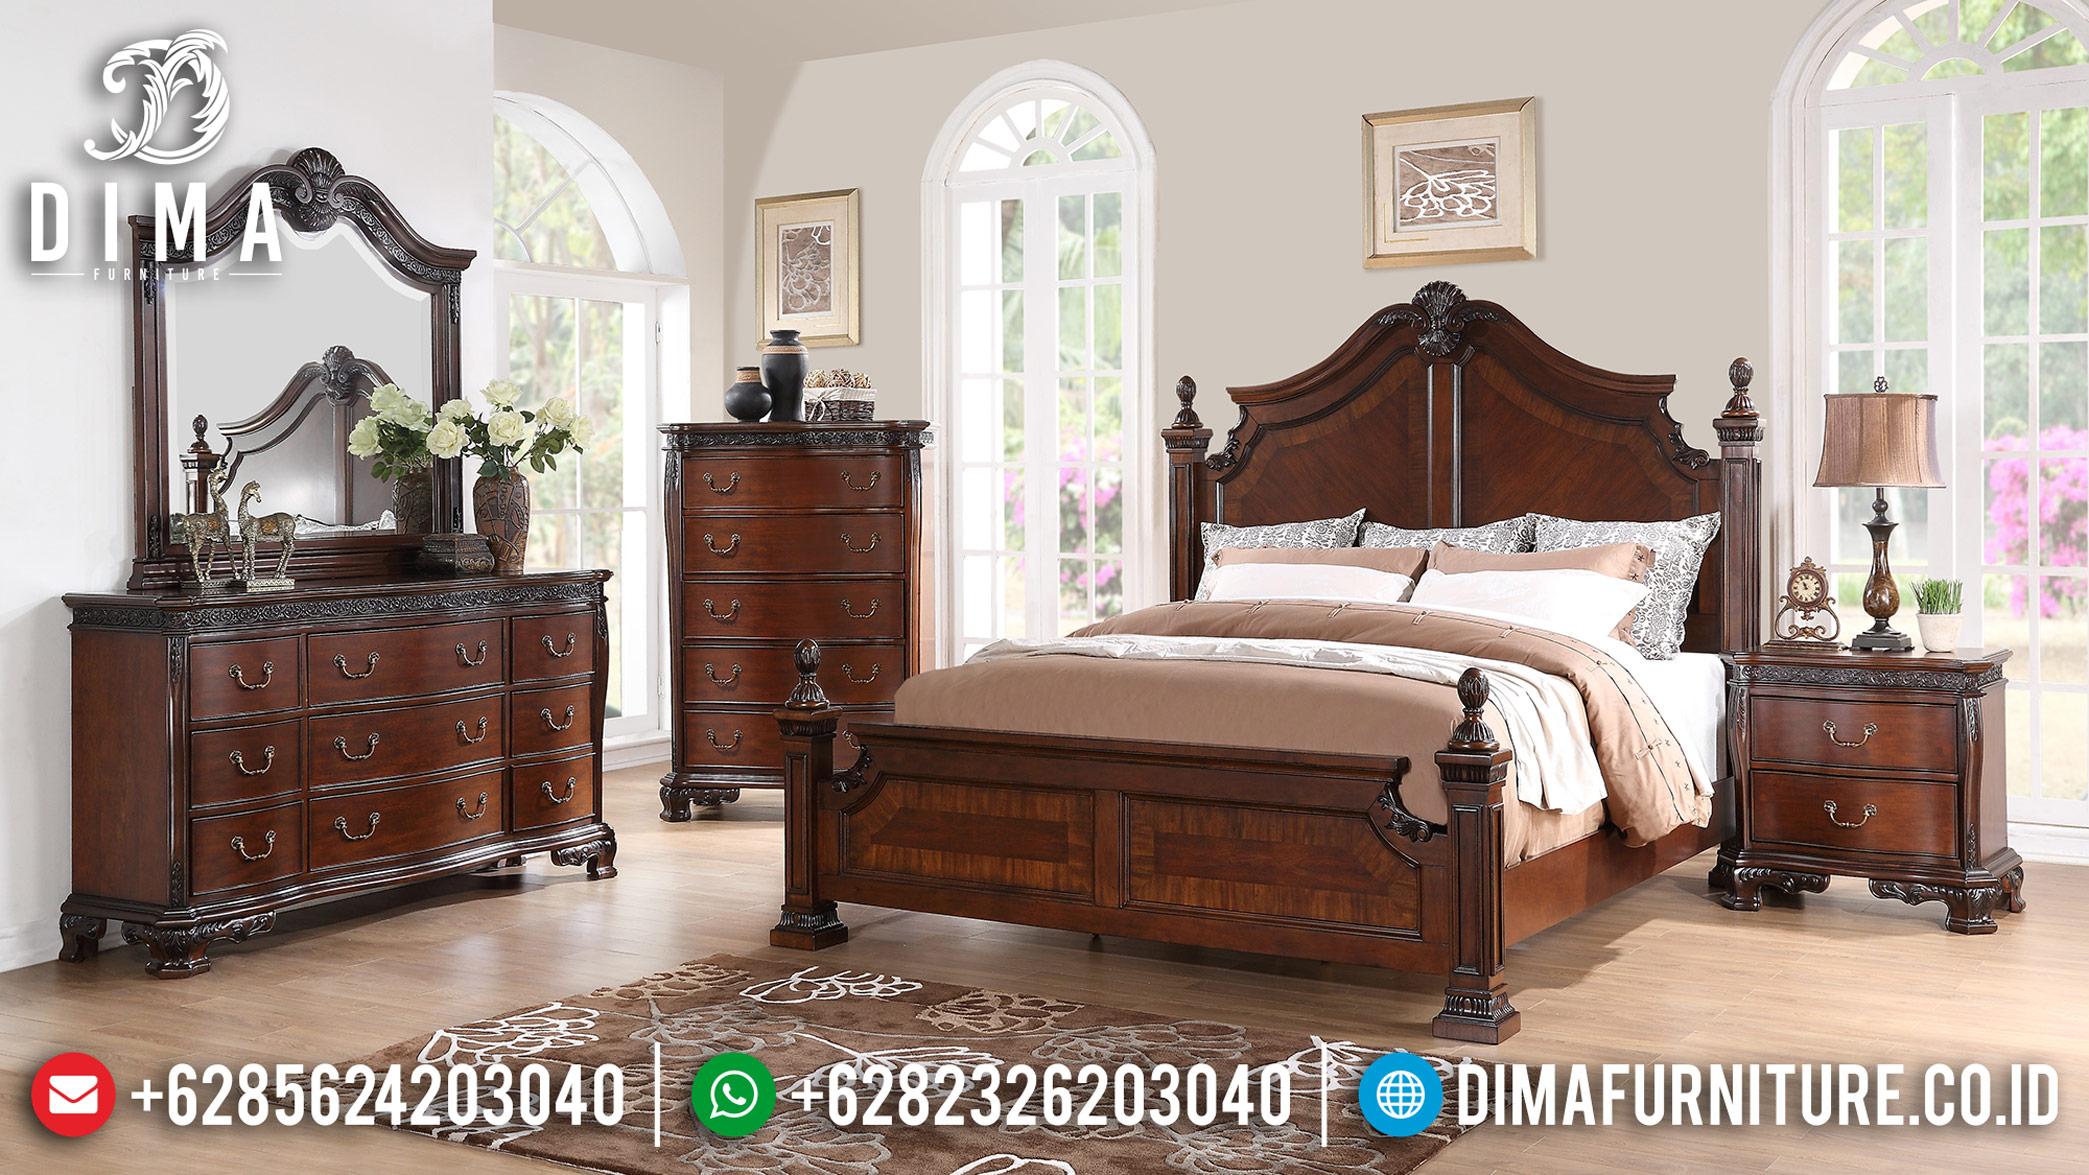 New Tempat Tidur Jati, Tempat Tidur Mewah Jepara, Furniture Jepara Classic DF-1199